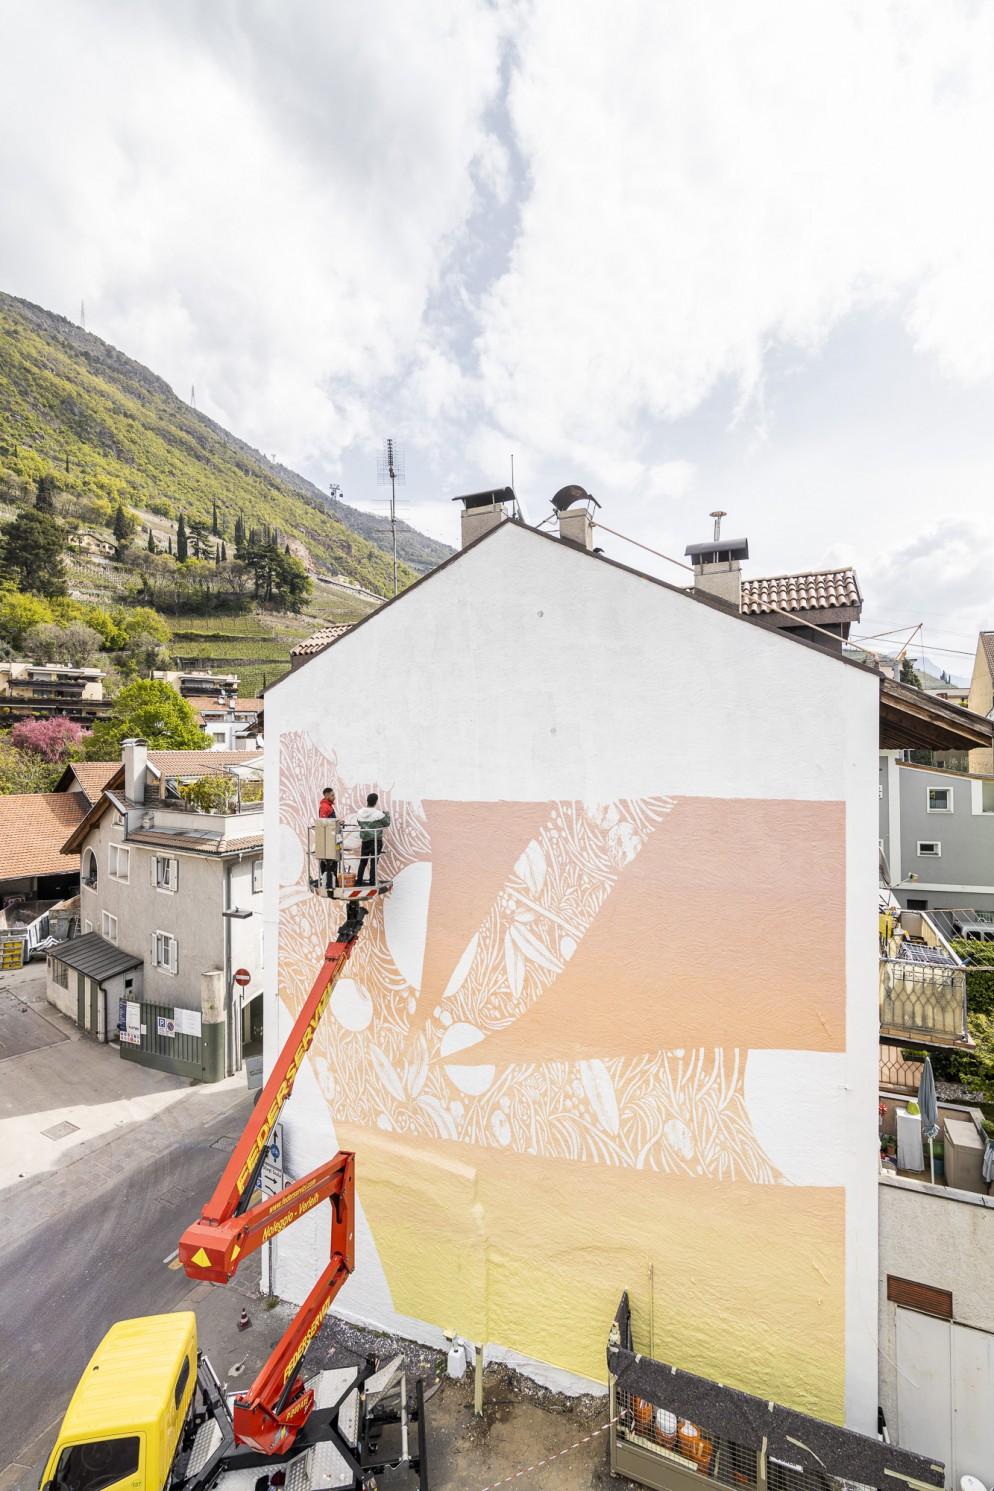 Outbox - Brethe Project - Tellas - Bolzano - 2021